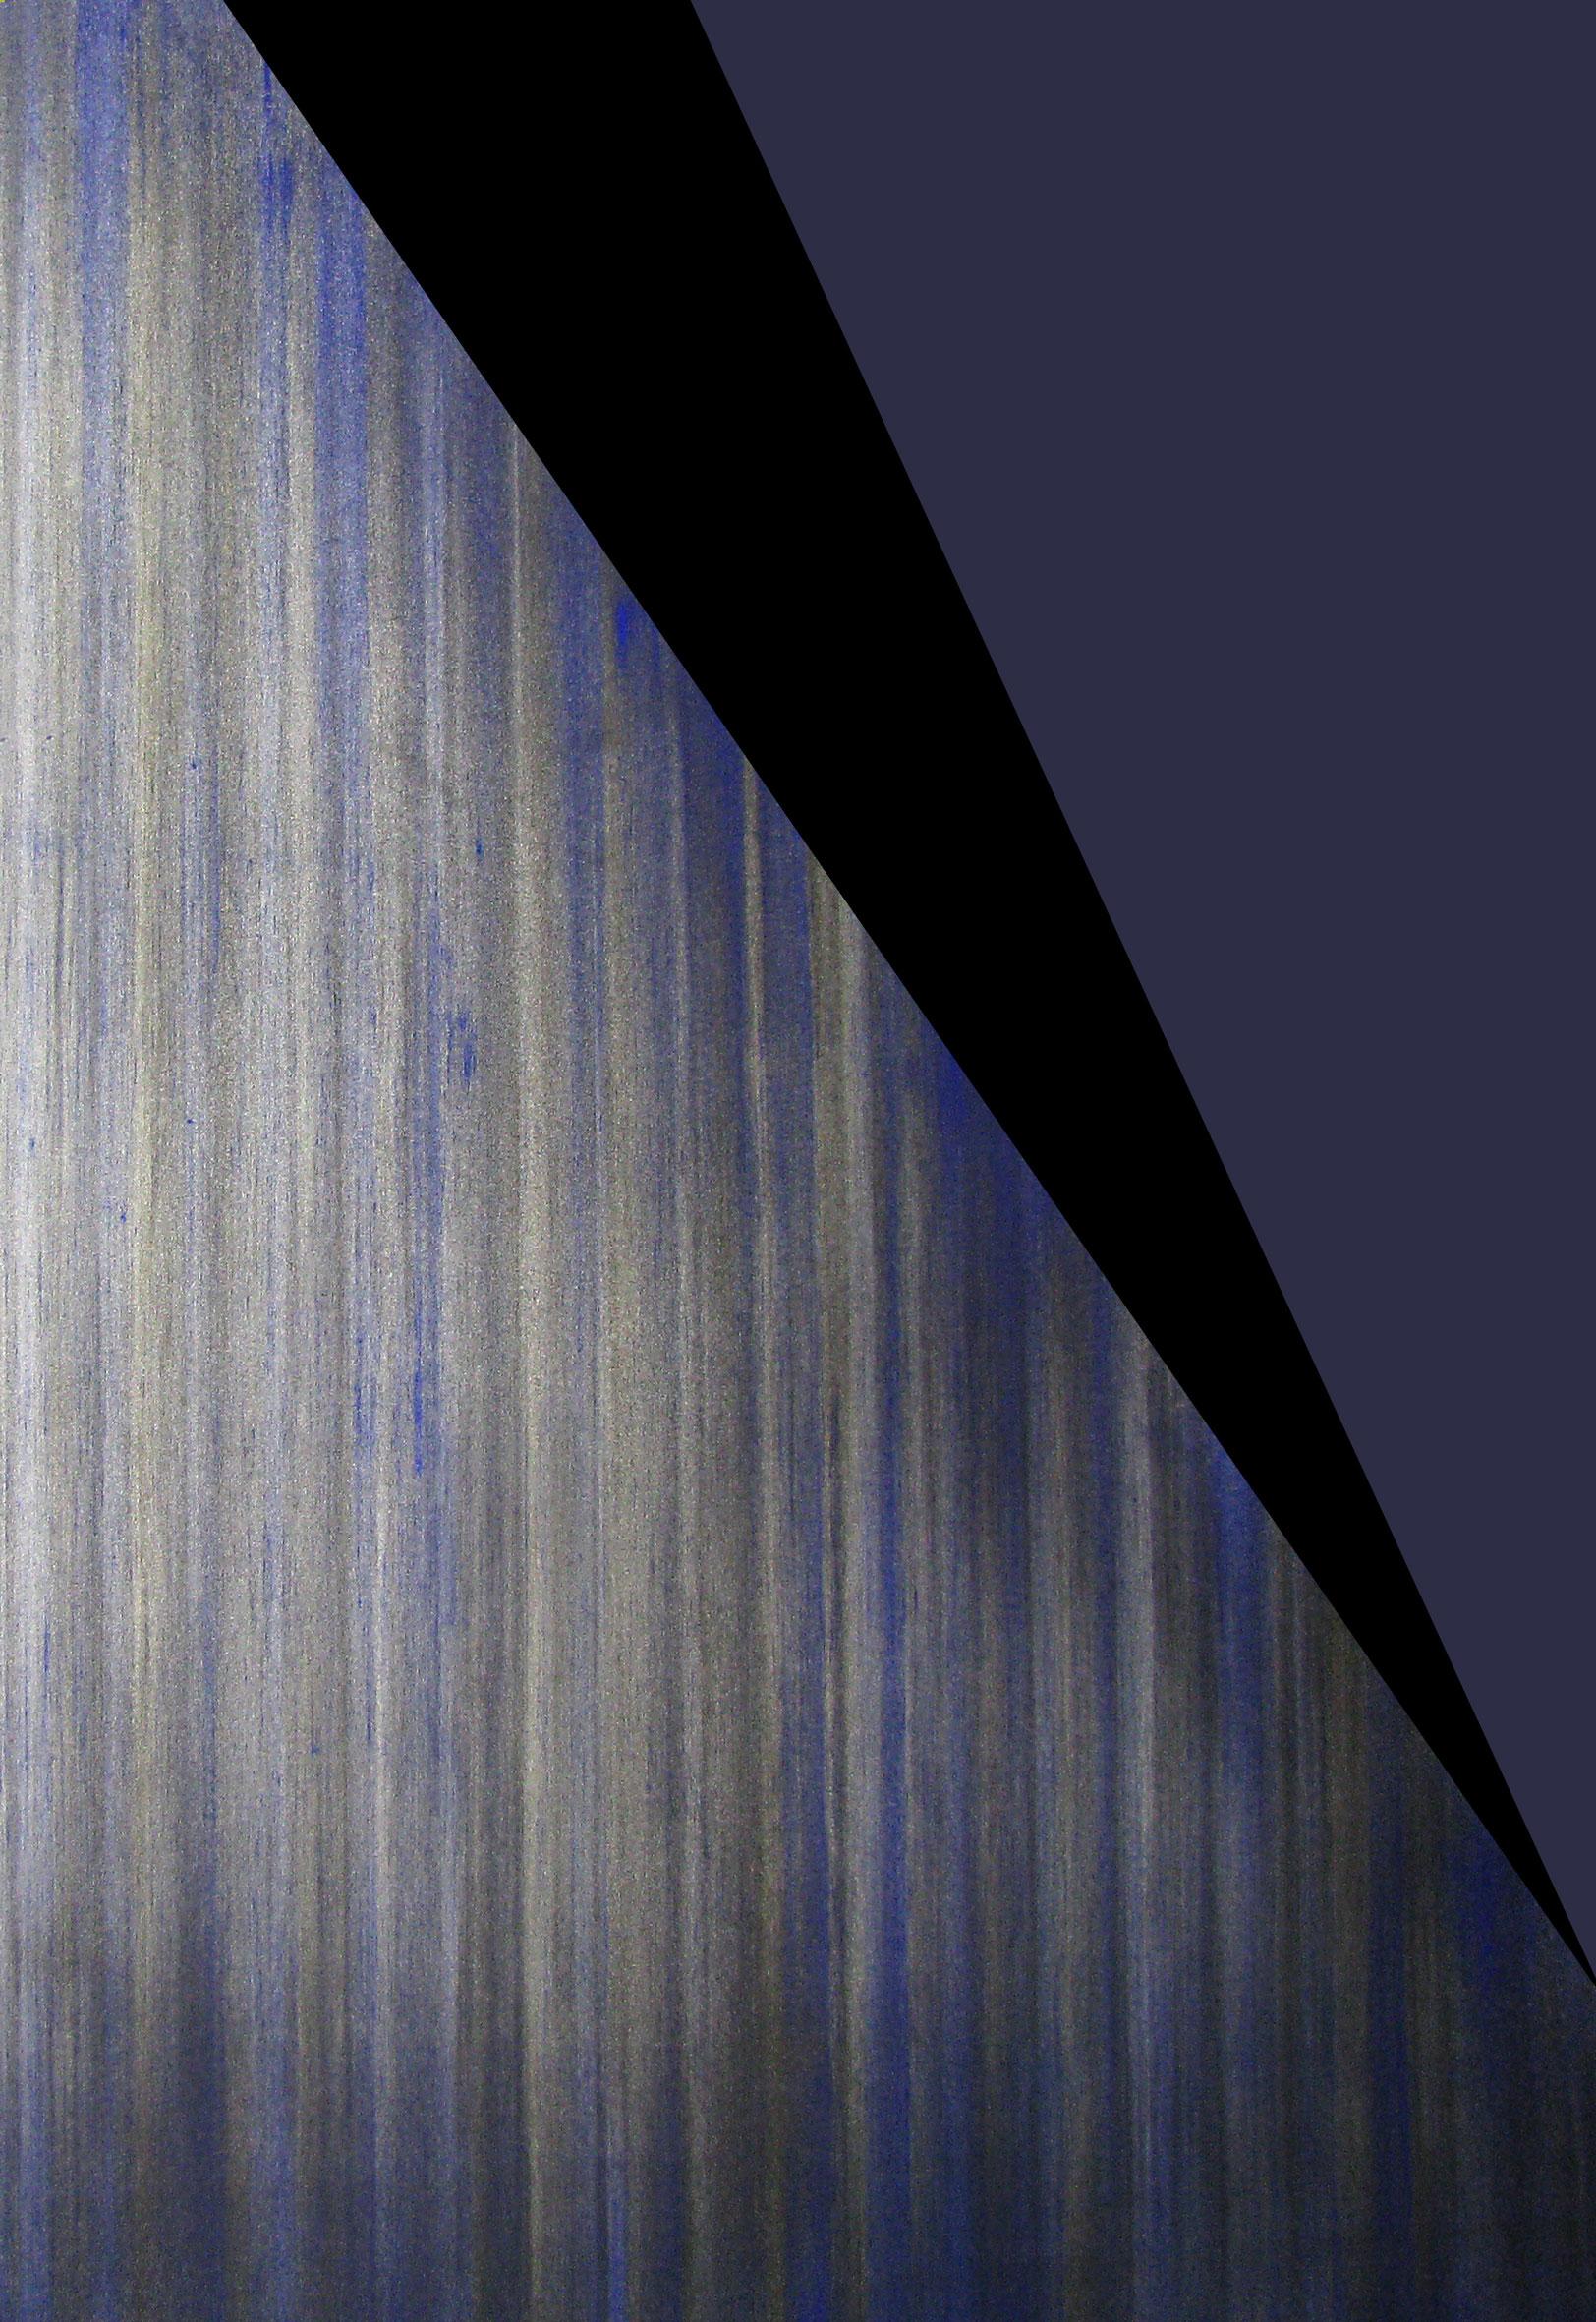 K002-web.jpg